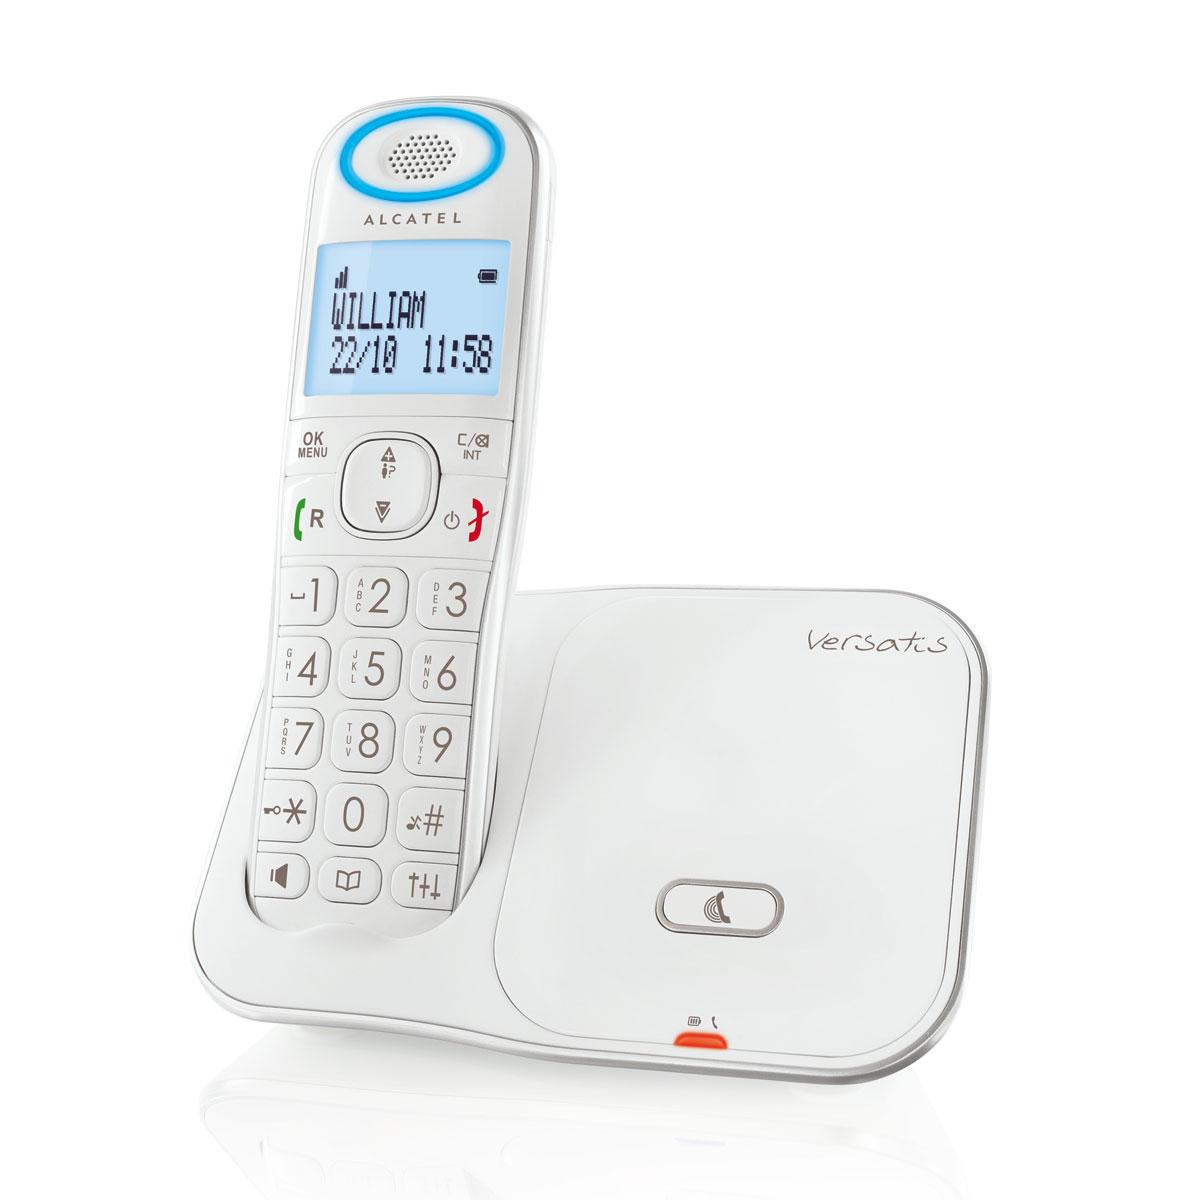 alcatel versatis xl350 t l phone sans fil alcatel sur ldlc. Black Bedroom Furniture Sets. Home Design Ideas